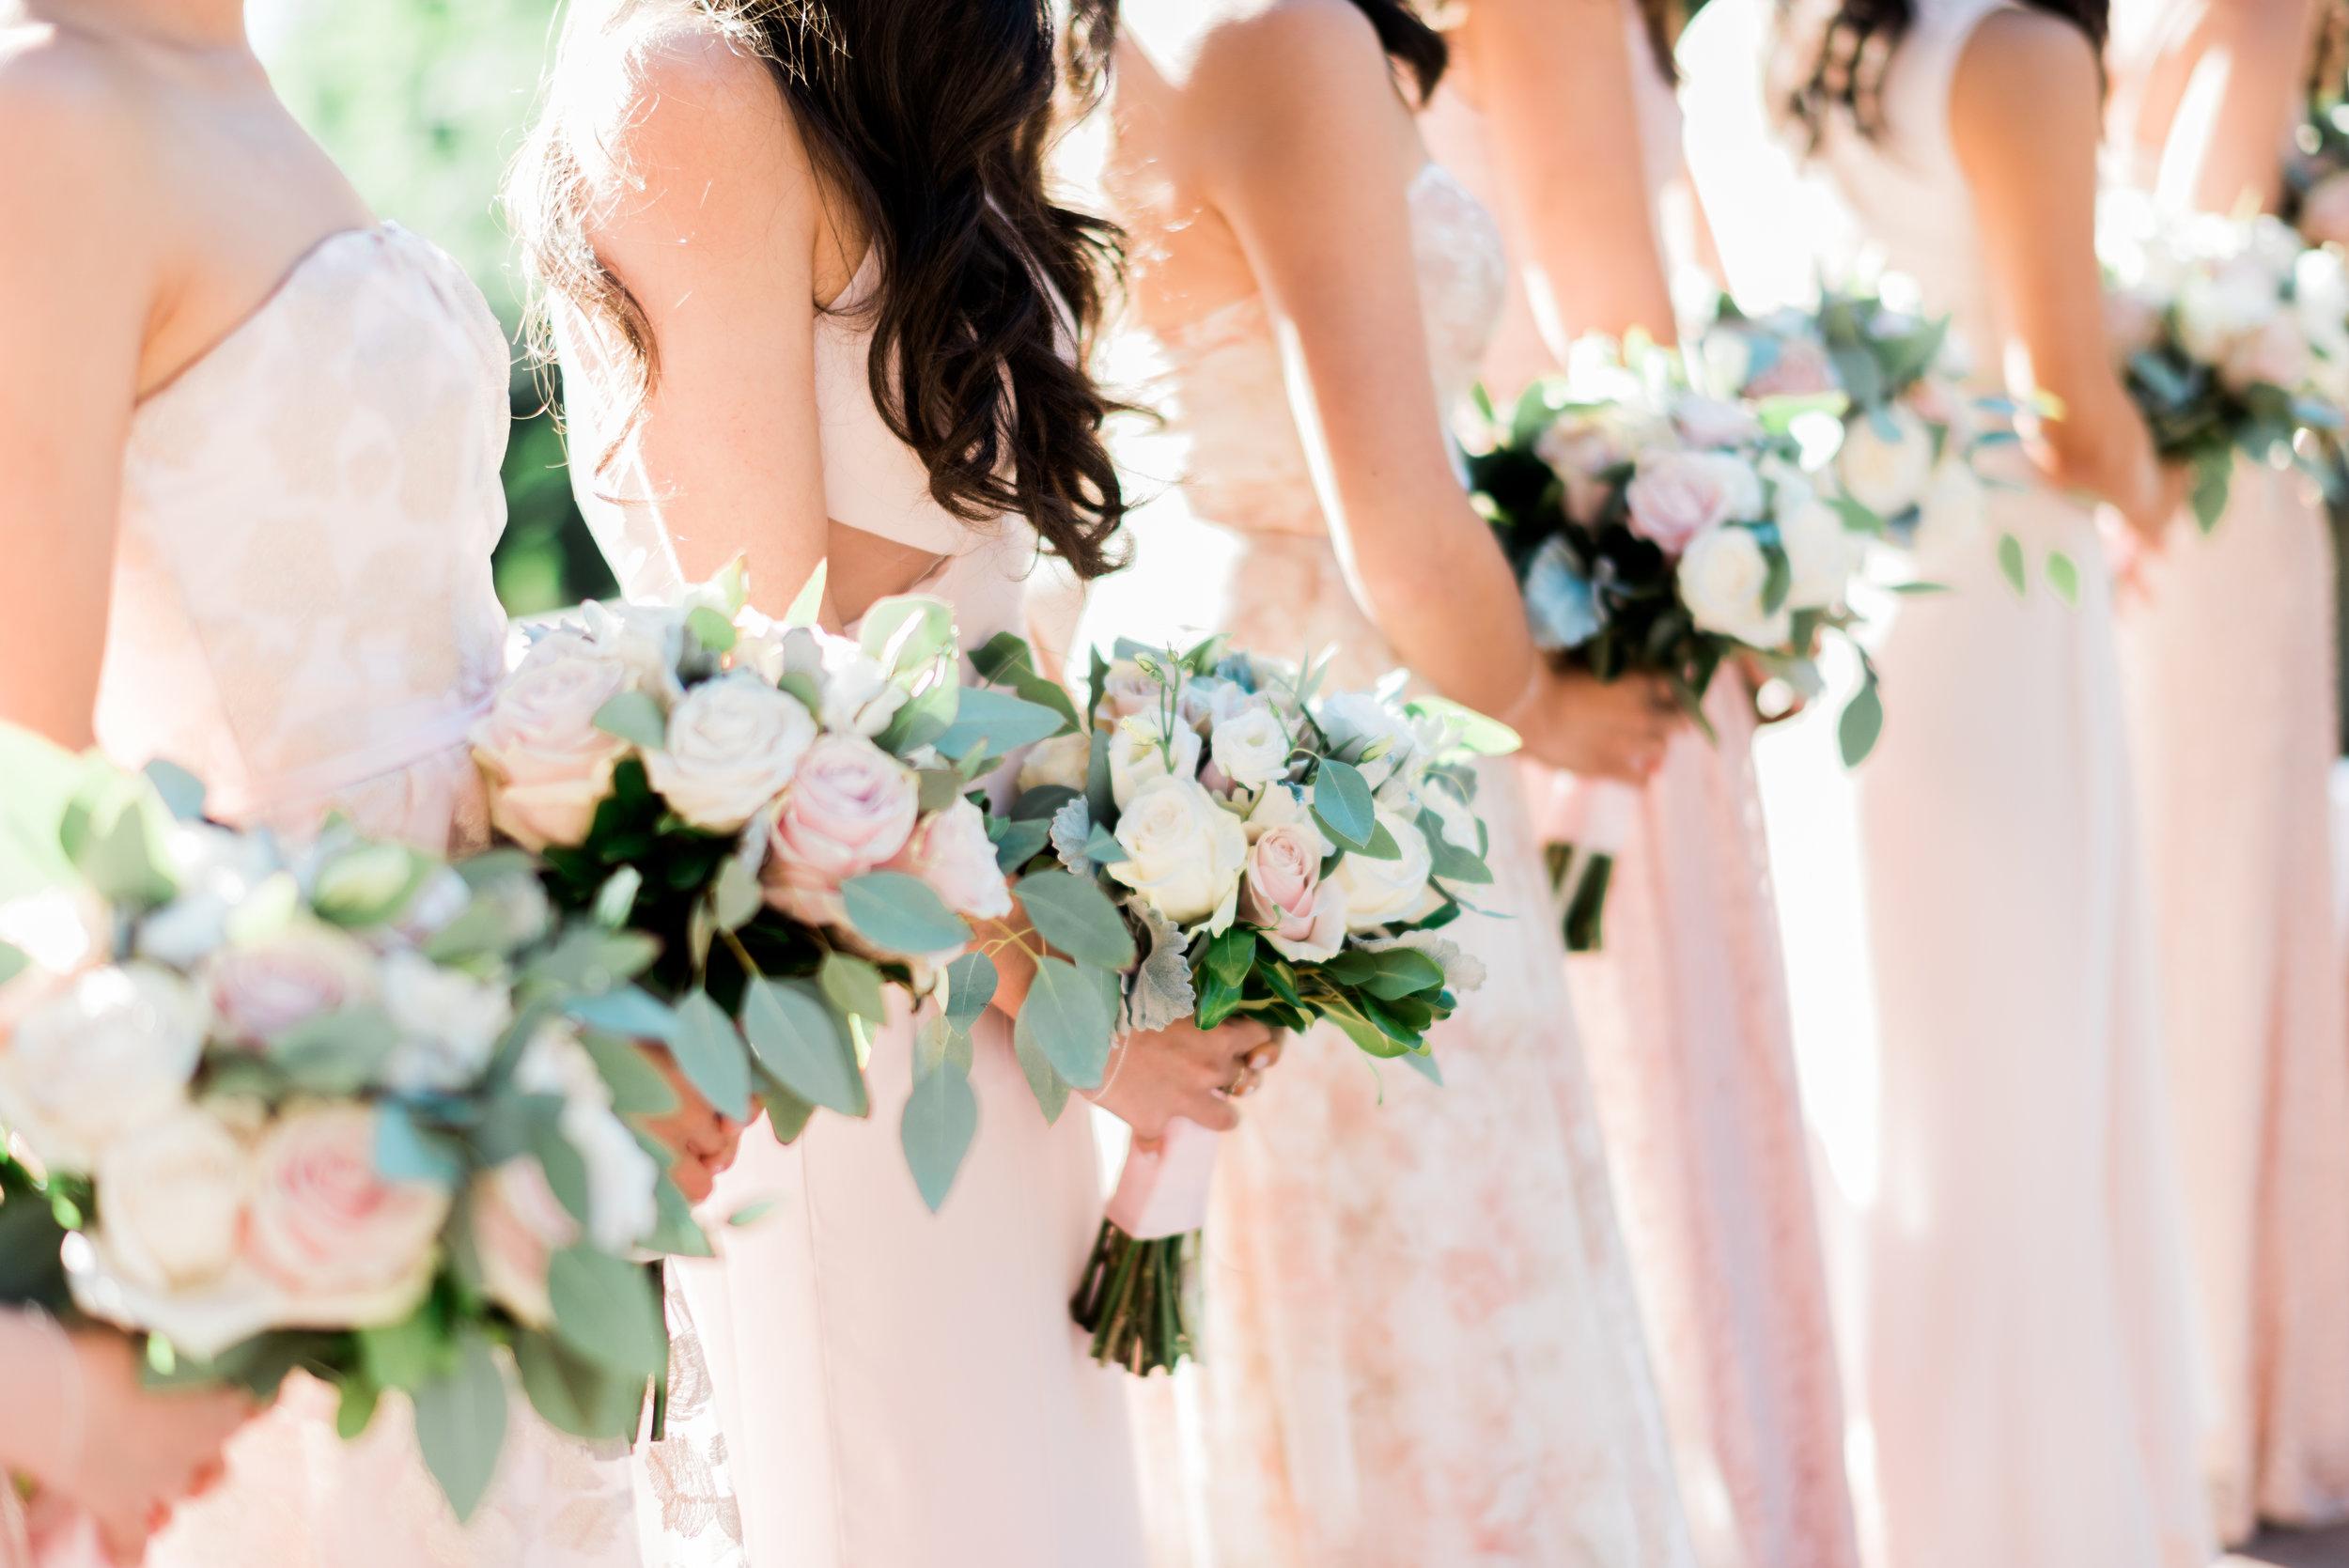 blush bridesmaids bouquet